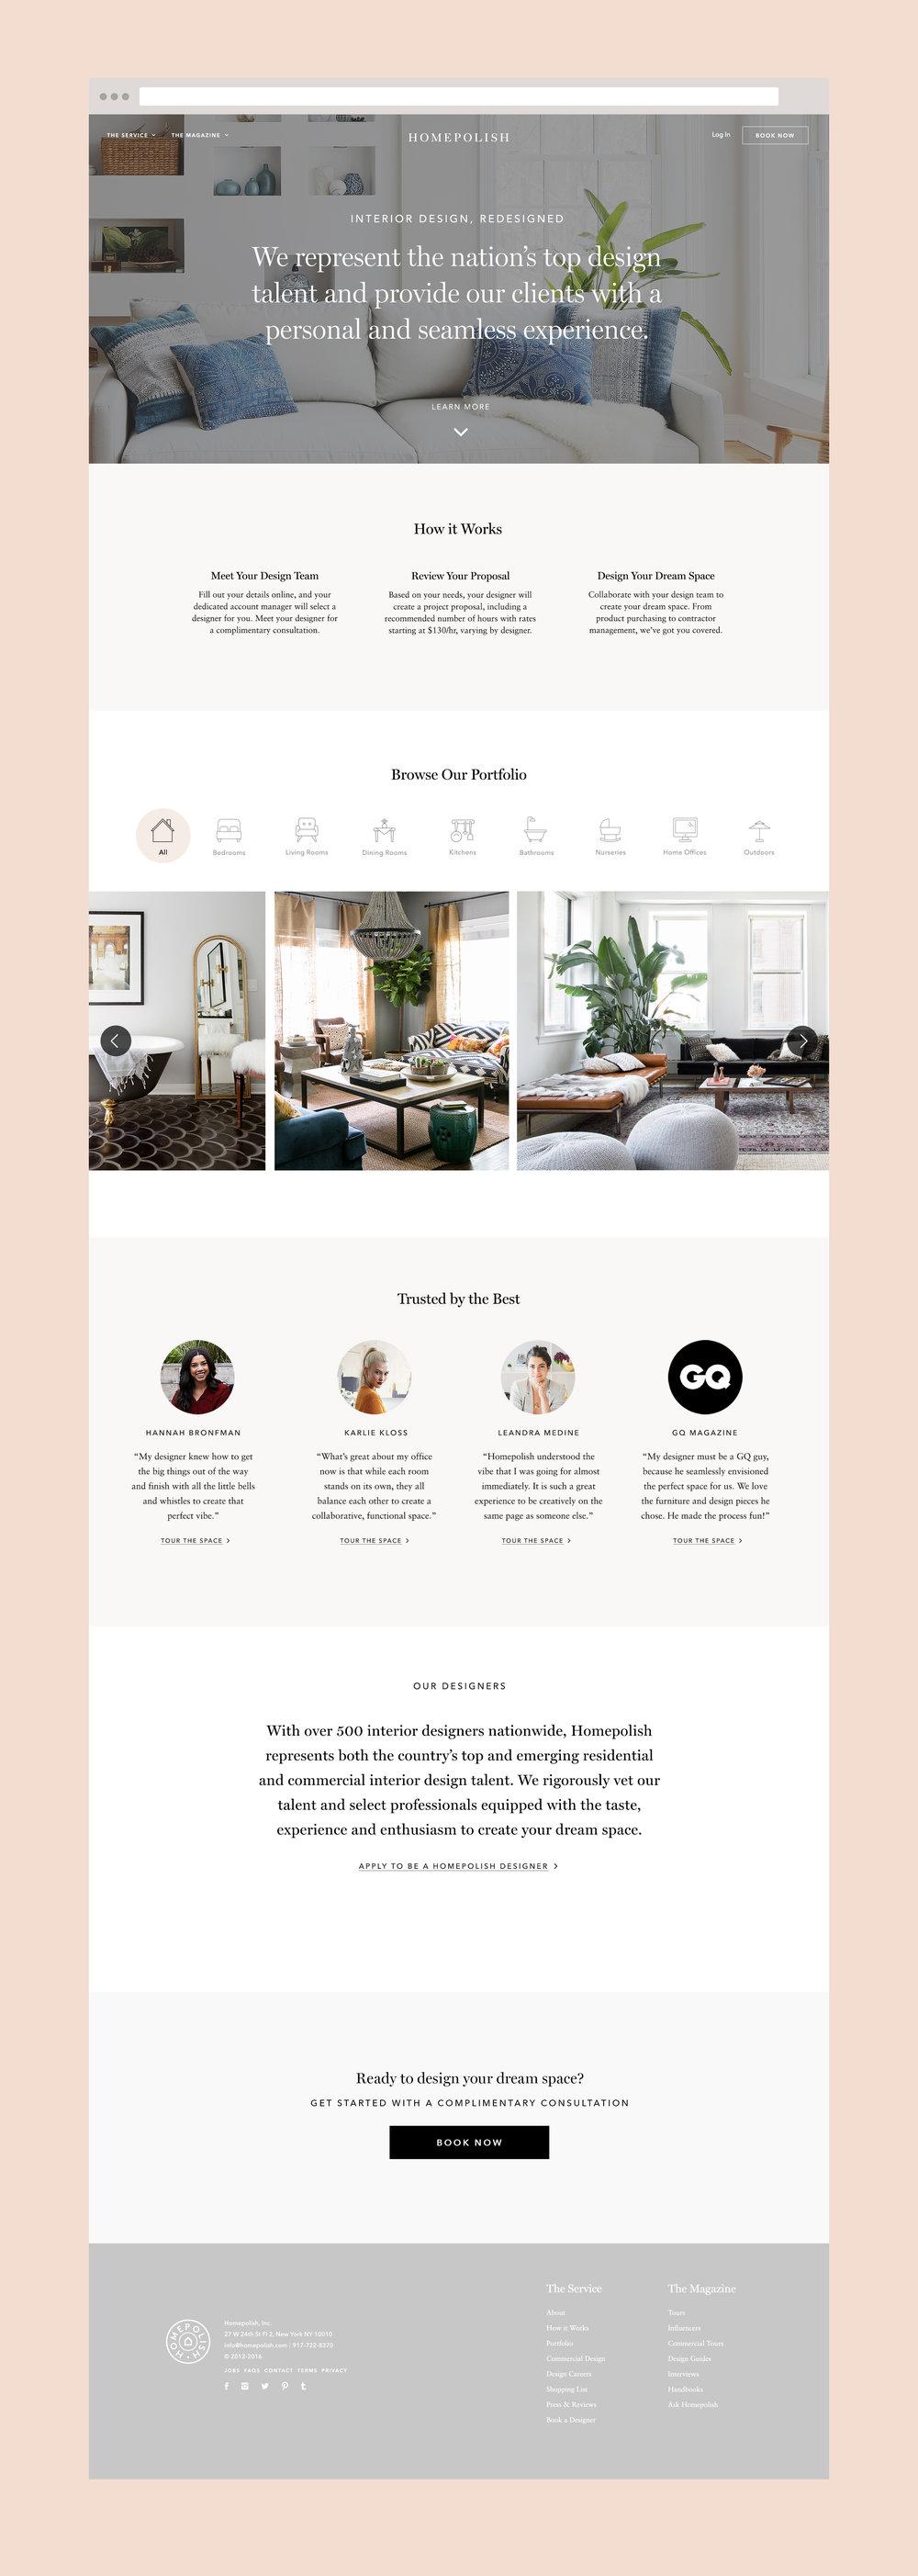 kc-site-hpnline01.jpg